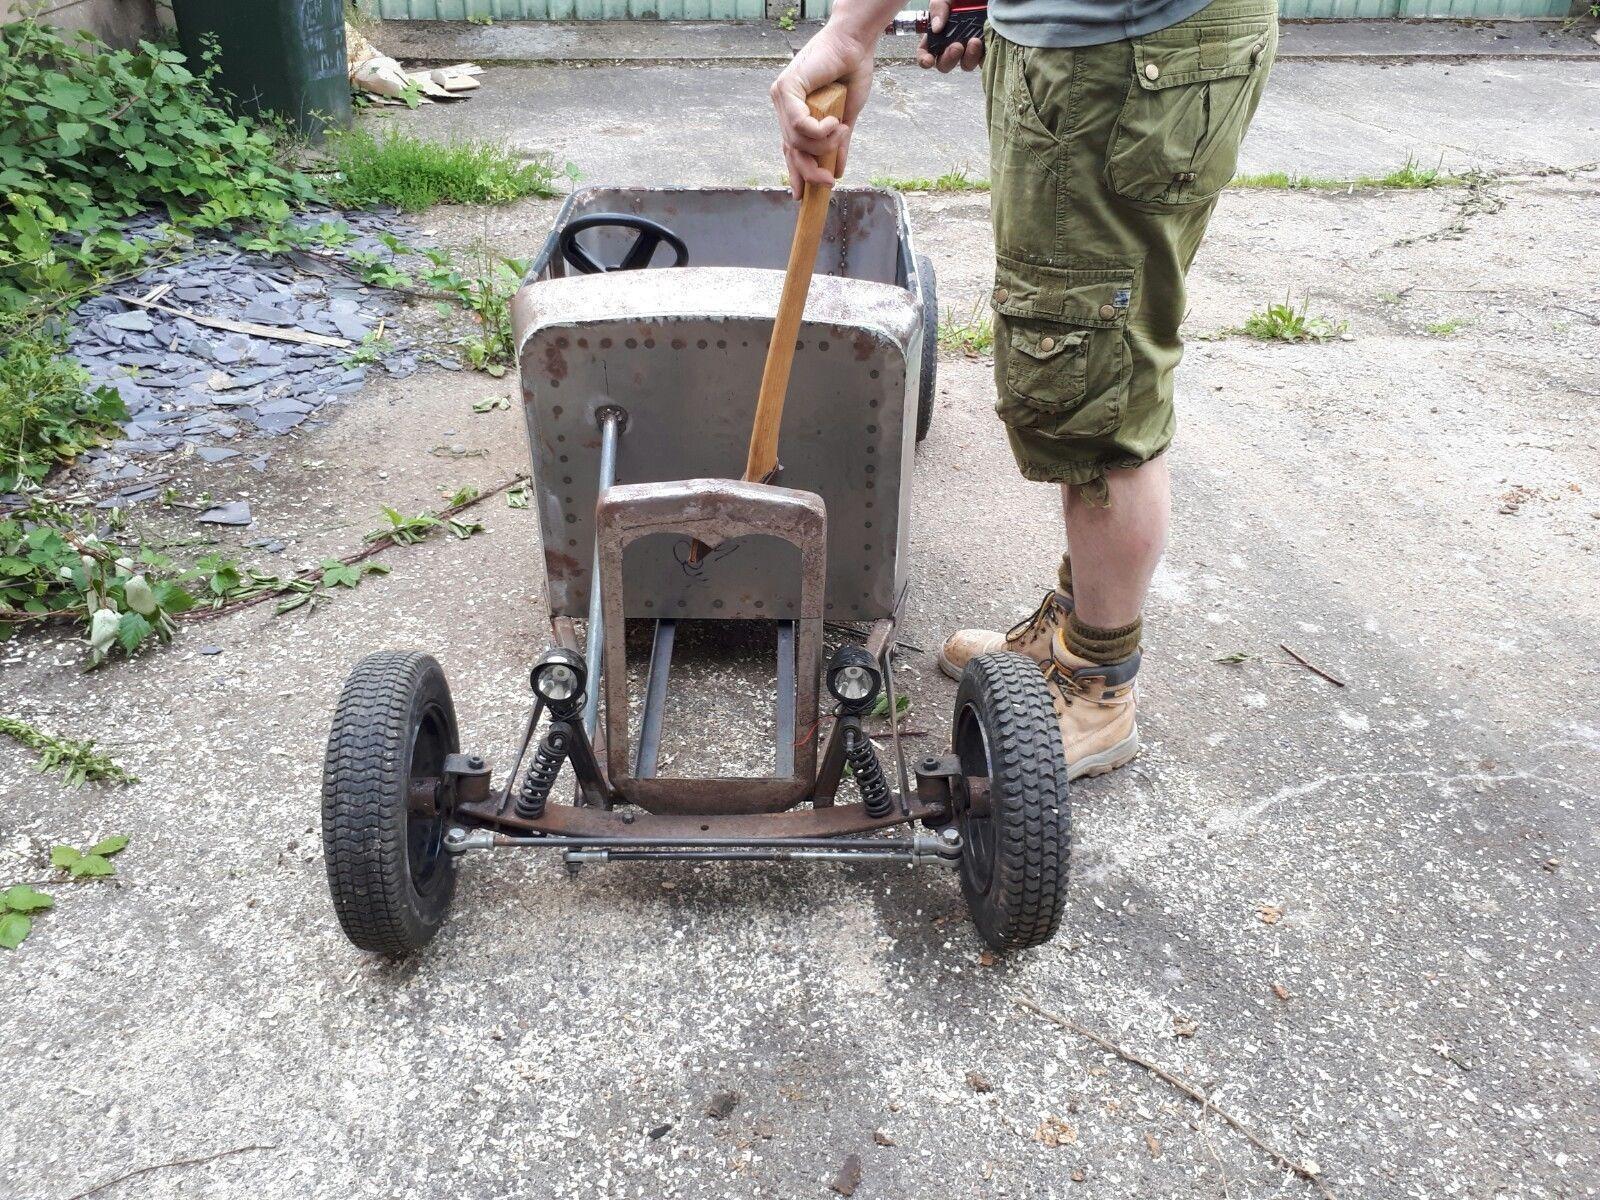 http://www.ebay.co.uk/itm/Hot-rod-tot-rod-kids-ride-on-car ...